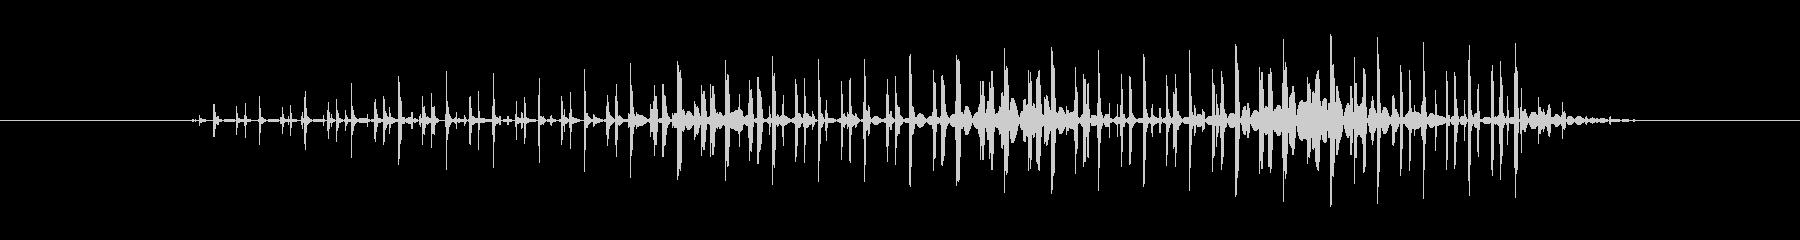 FI 実用性 スキャナーウォブルロー04の未再生の波形